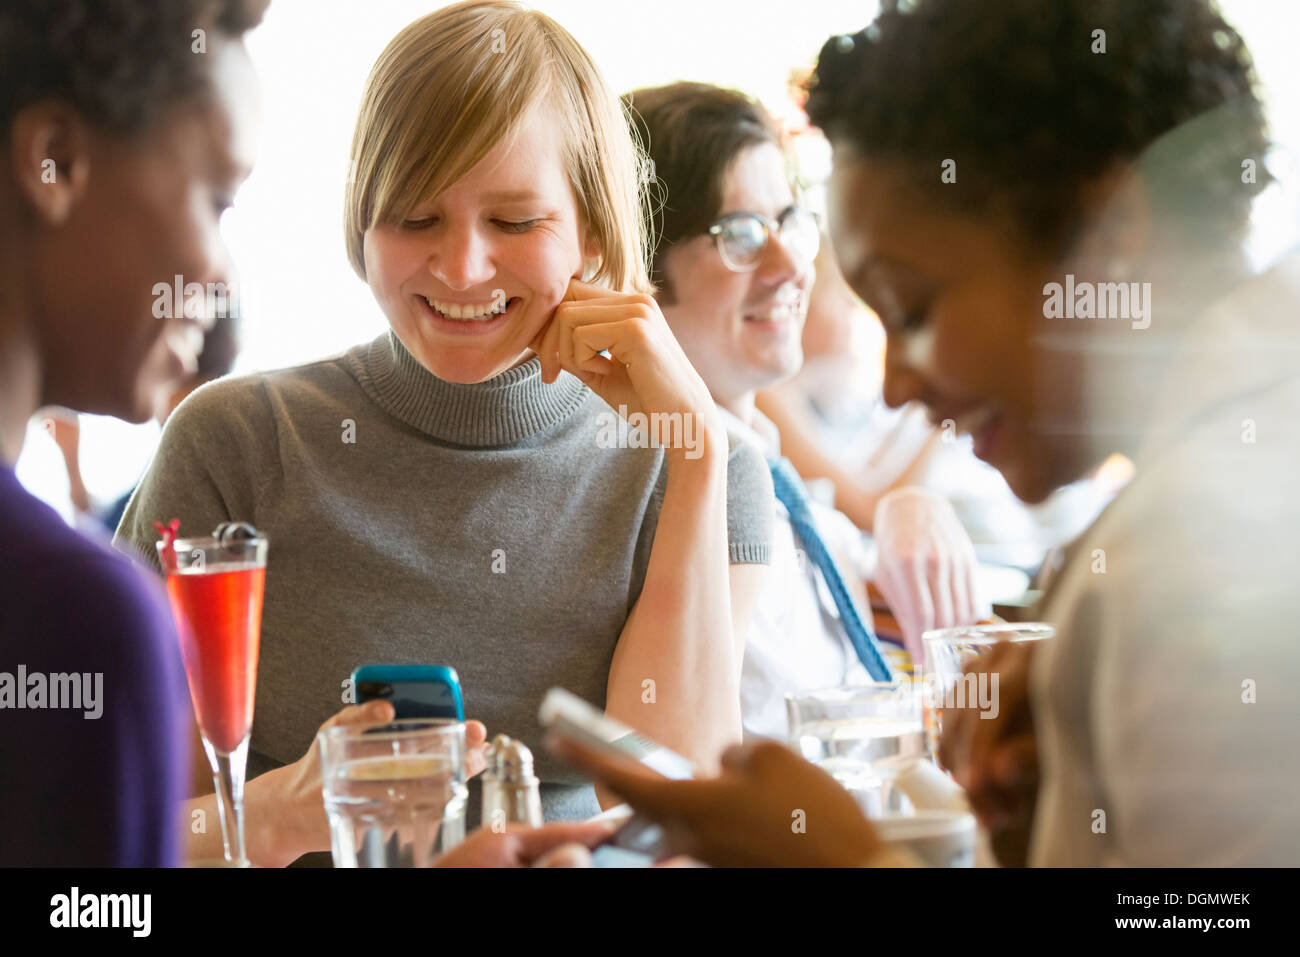 Leben in der Stadt. Eine Gruppe von Menschen in einem Café, überprüfen ihre Smartphones. Stockbild